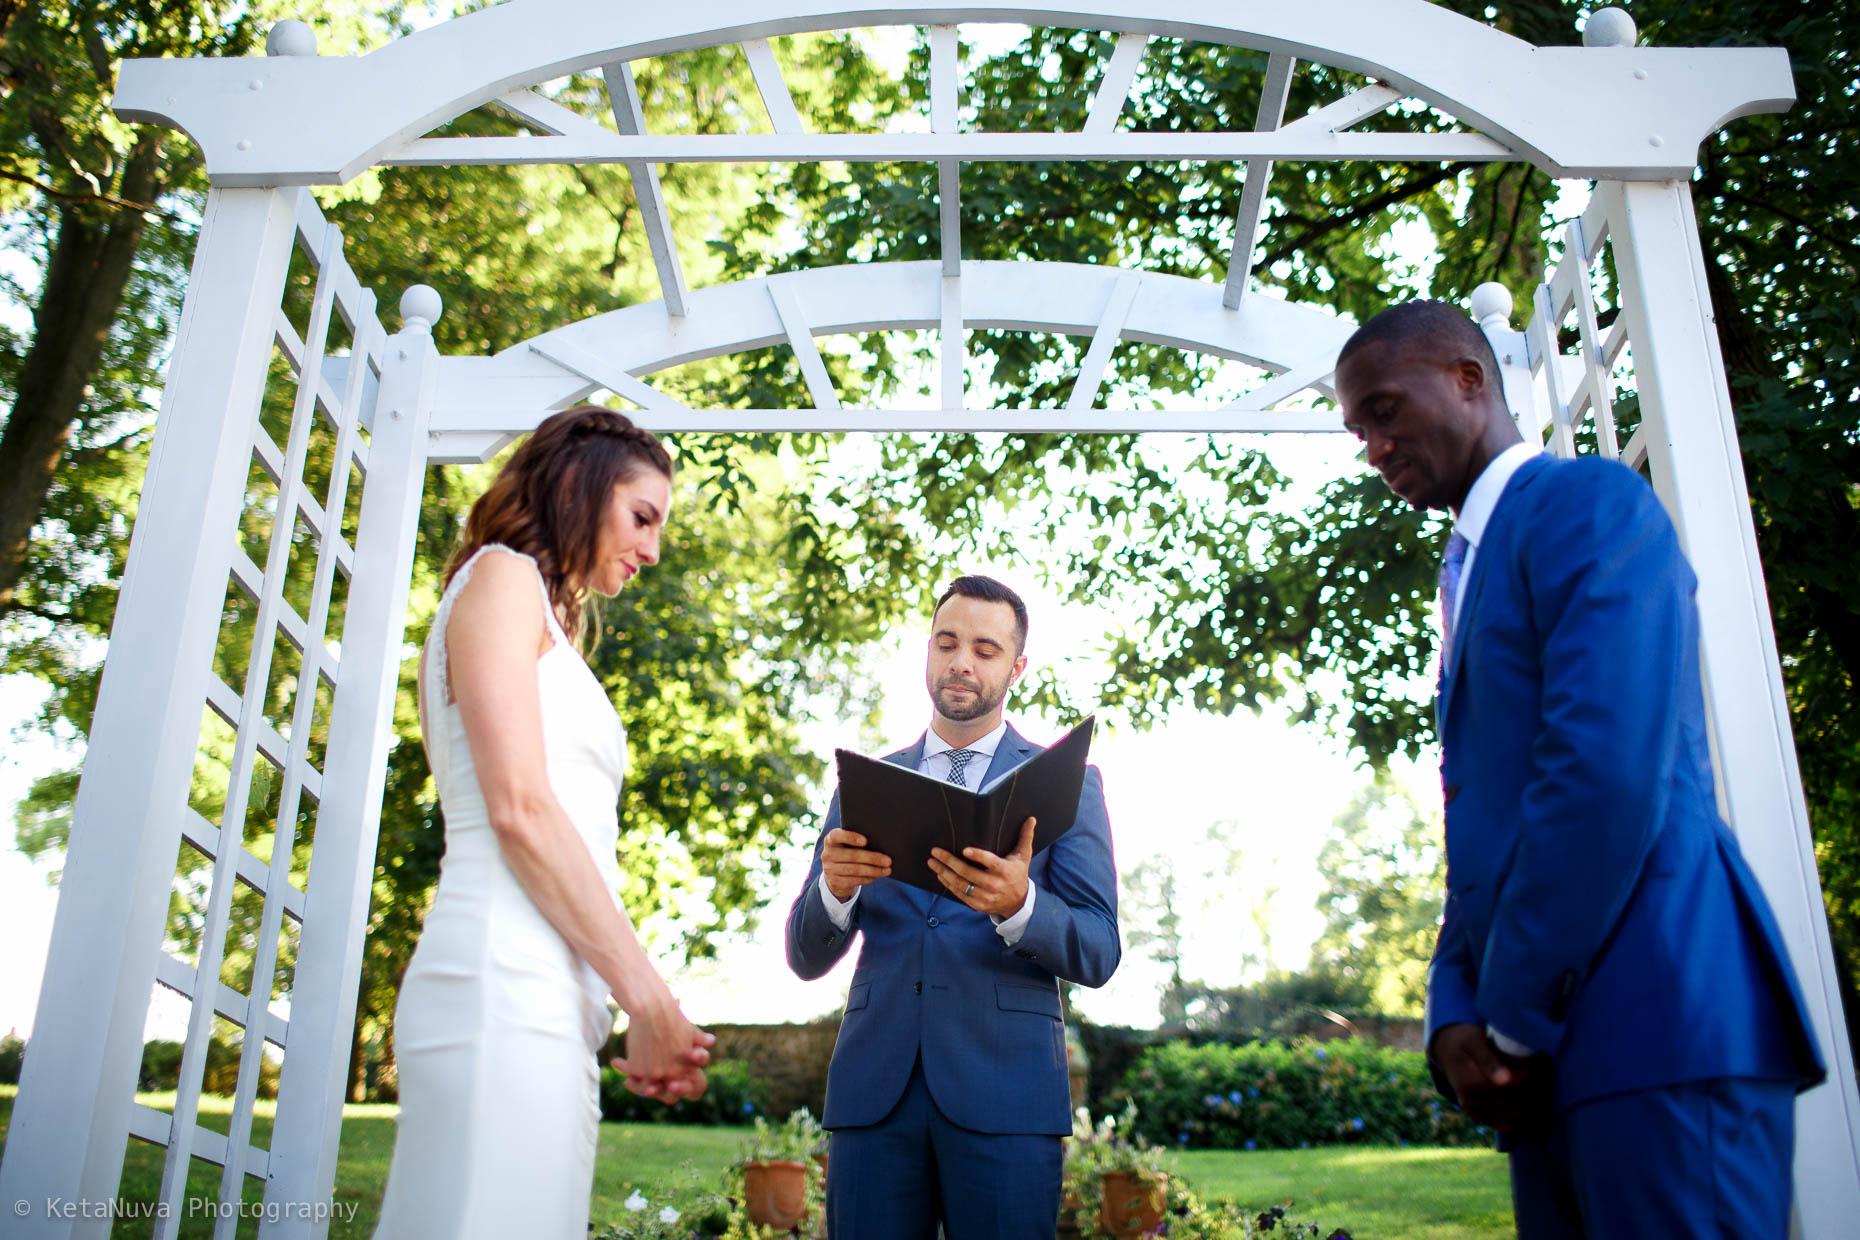 Sunken Garden - Lauxmont Farms Wedding | Aubrey & Barrett Lauxmont Farms Wedding Sunken Garden35